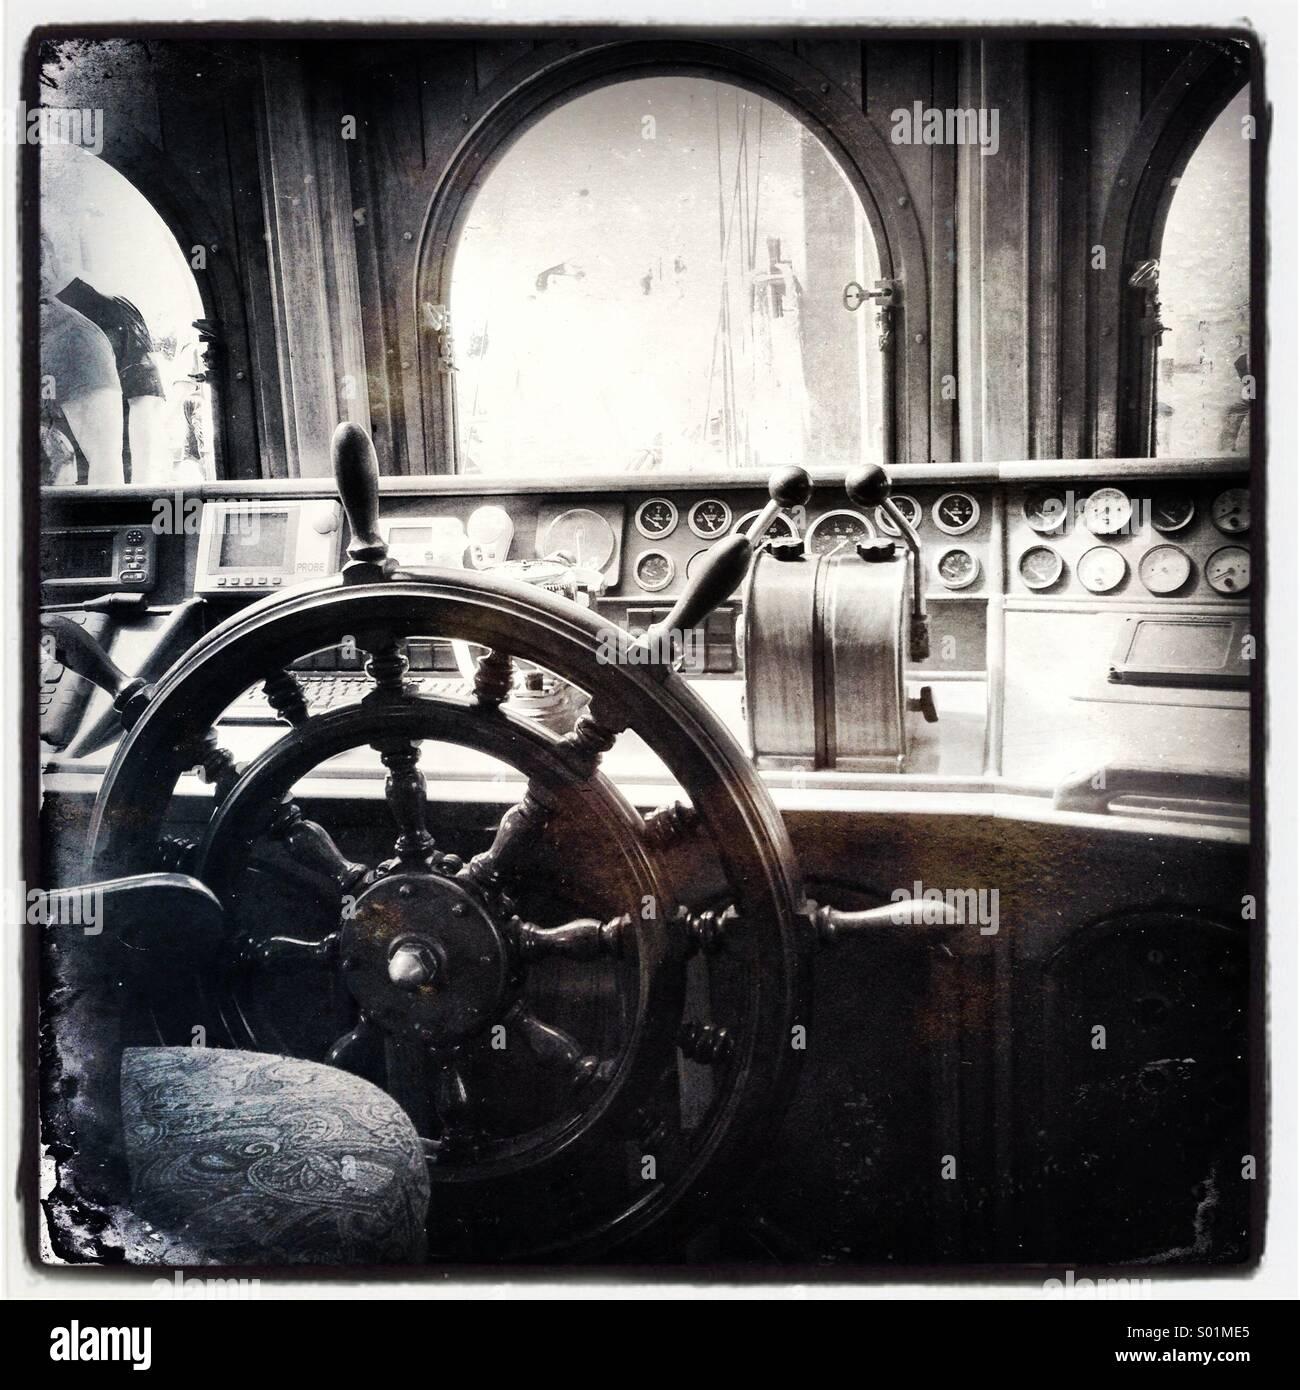 Ships wheel from Tall Ship, mooring at Bay City, Michigan - Stock Image